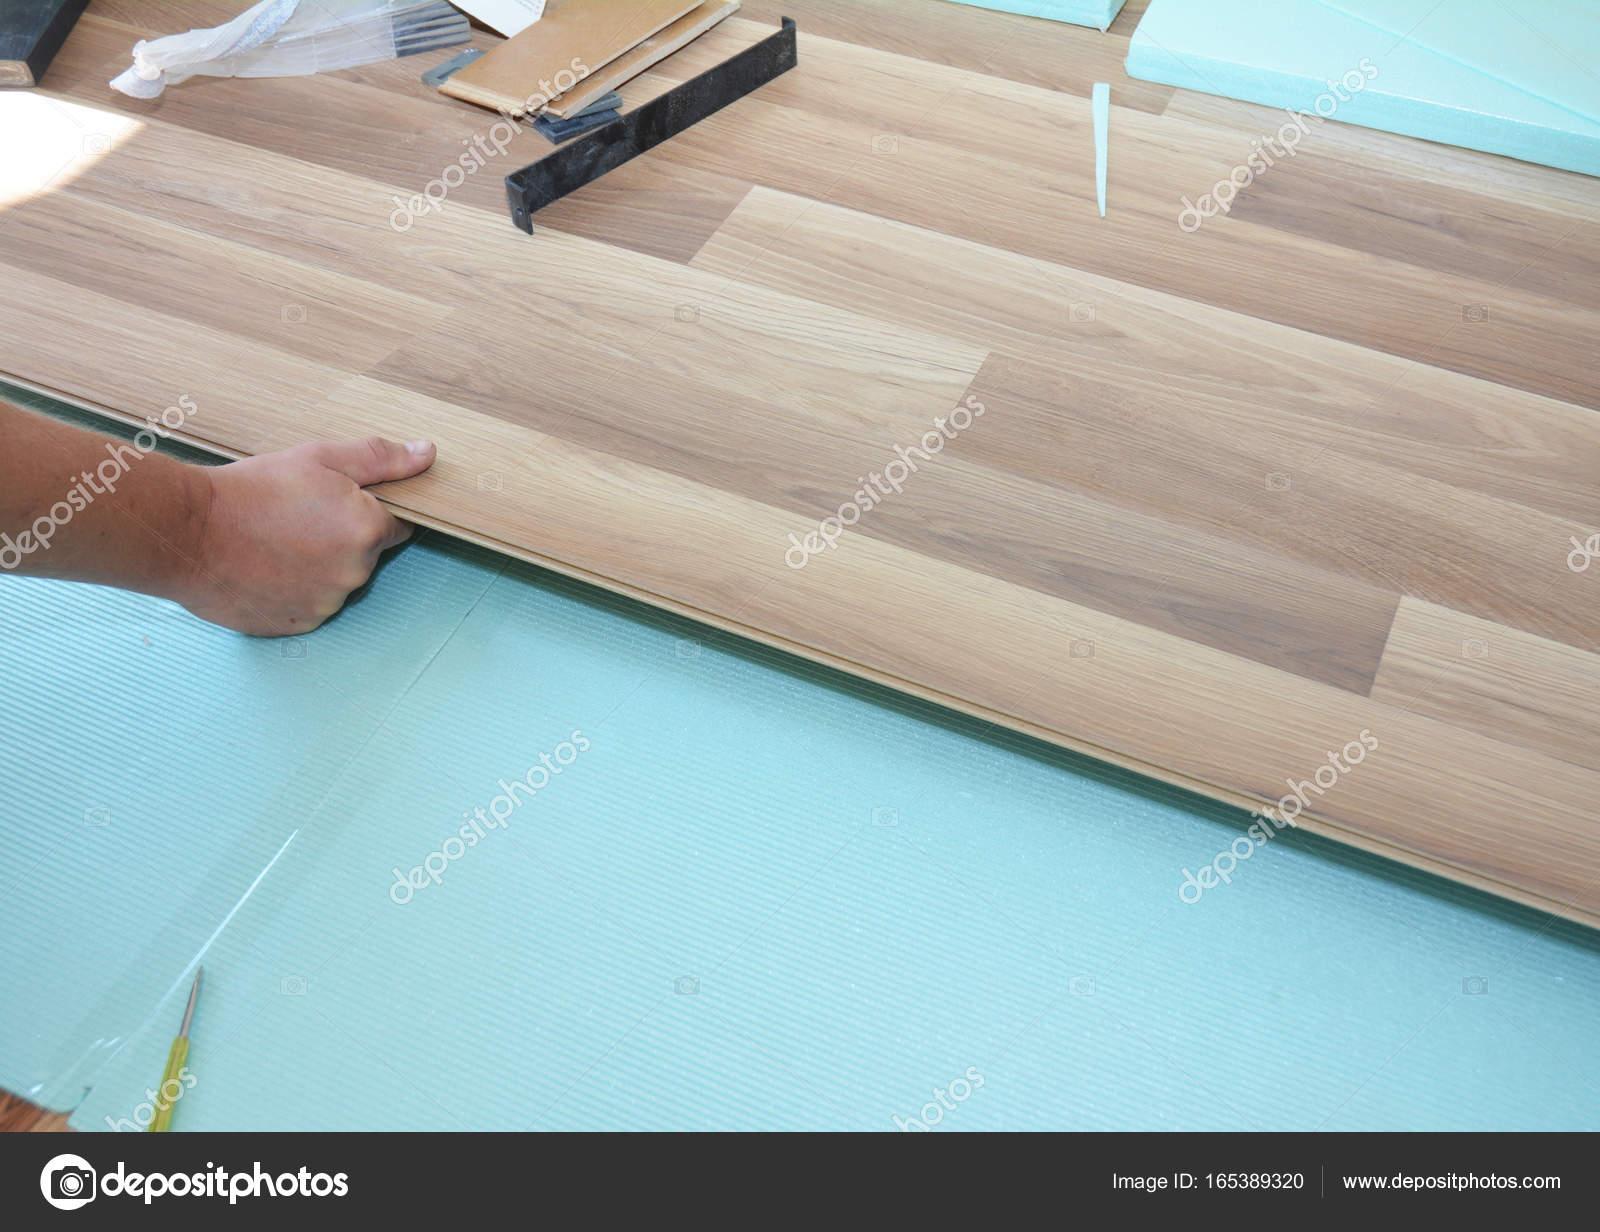 Isolatie Vloer Laminaat : Aannemer installeren houten laminaat vloeren met isolatie en